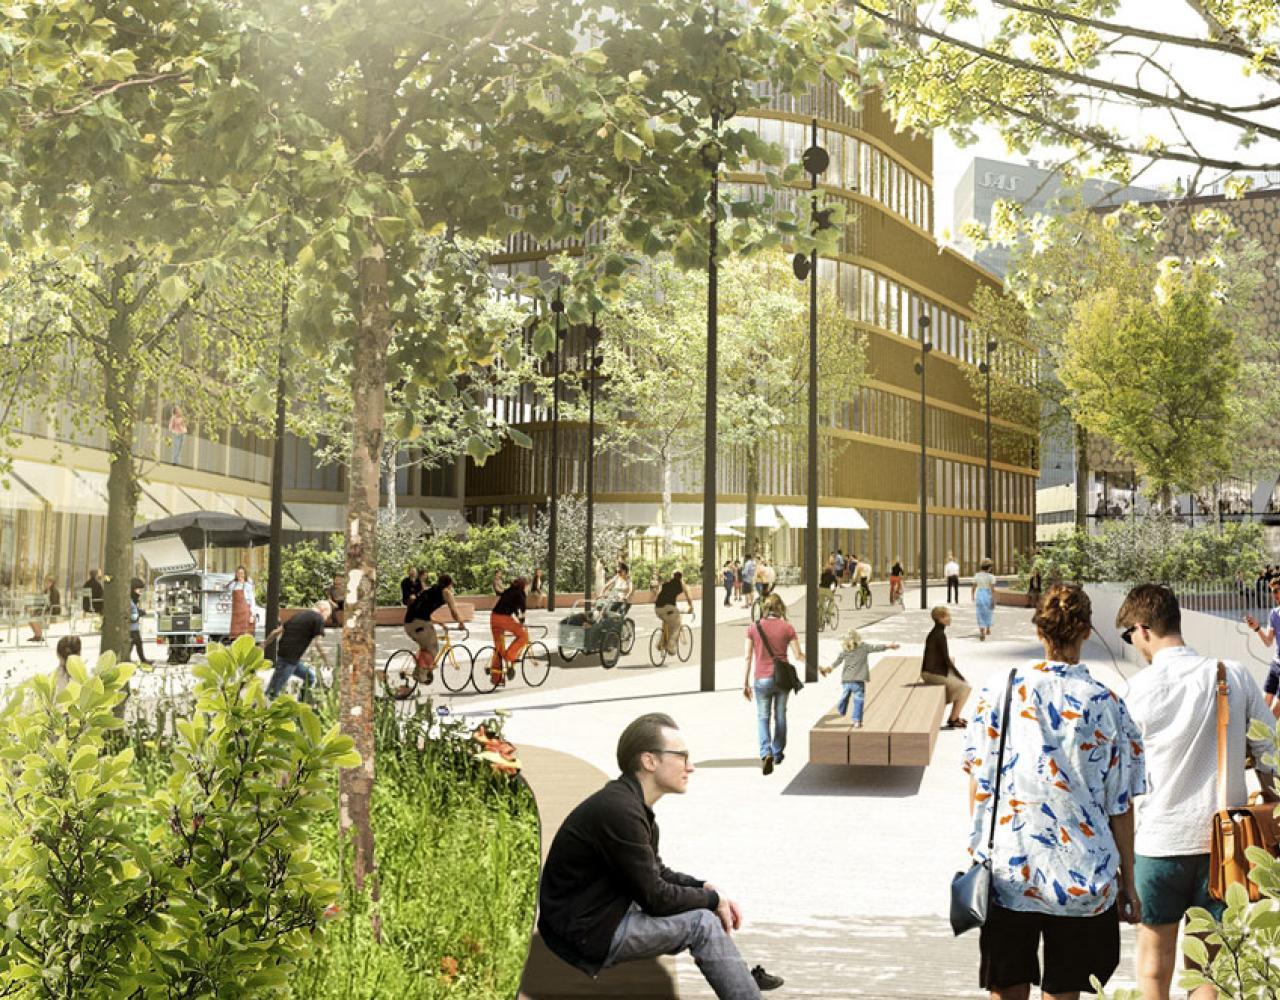 Vesterport banegrav overdækket hammerichsgade grønt strøg